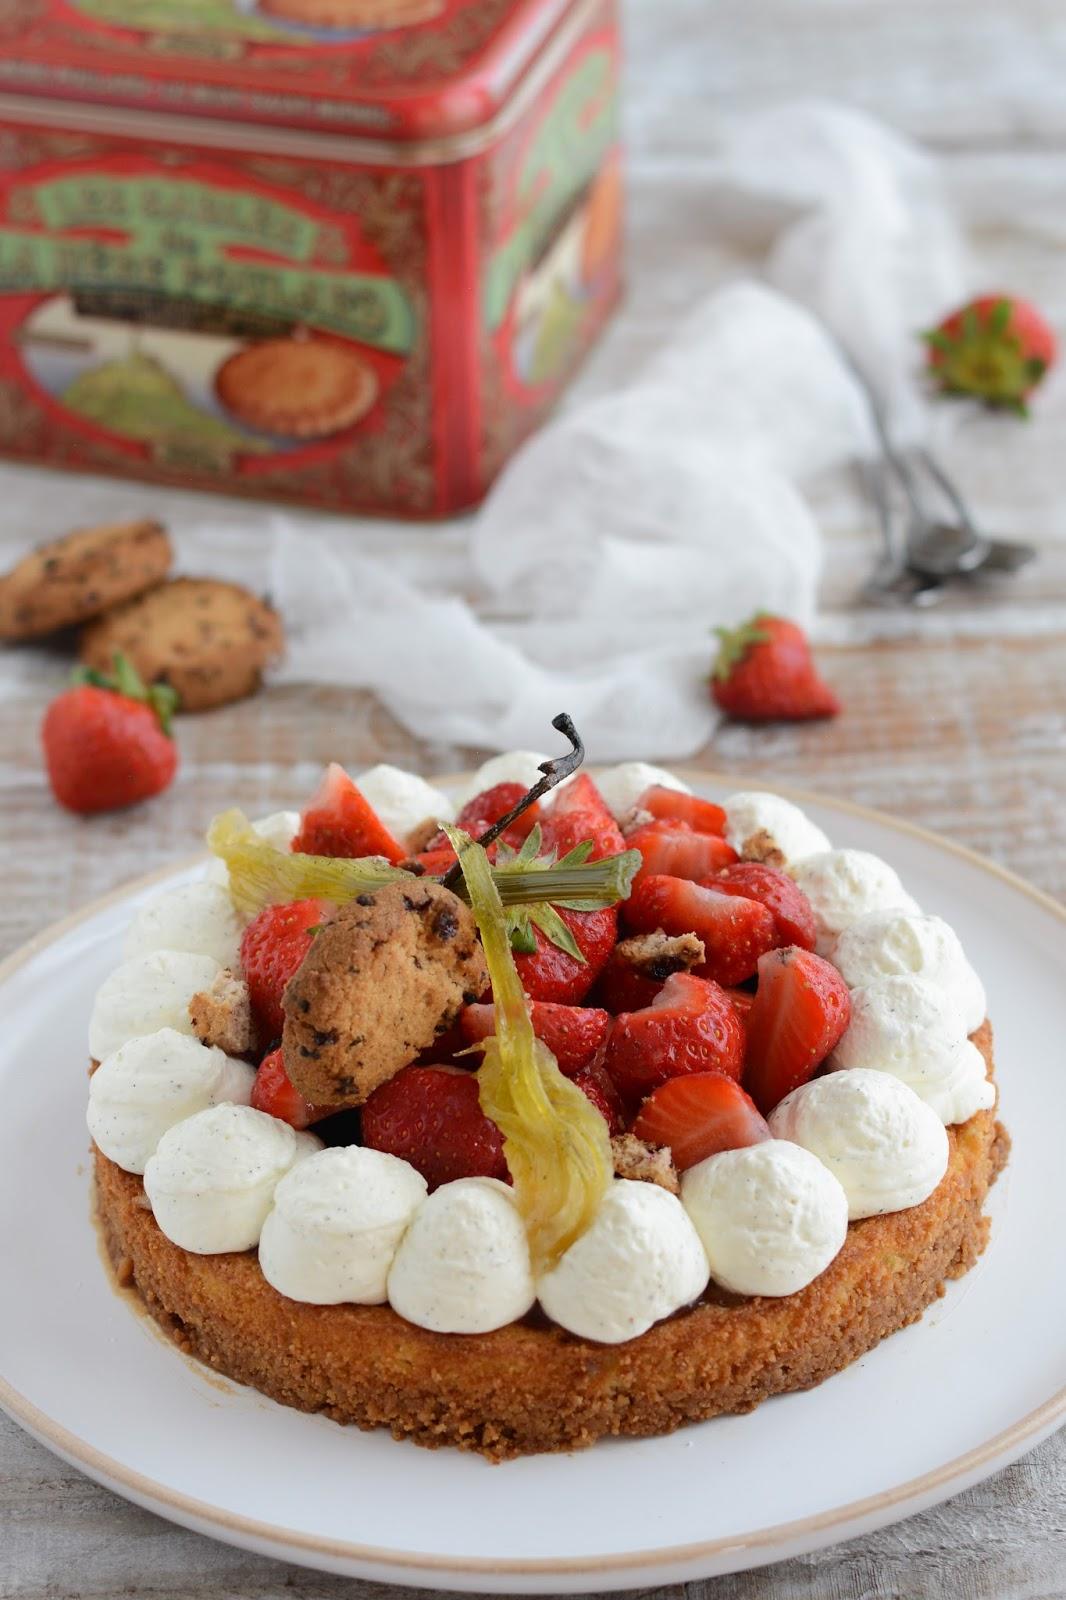 Chic chic chocolat tarte aux fraises et fenouil - Les saints de glace c est quand ...